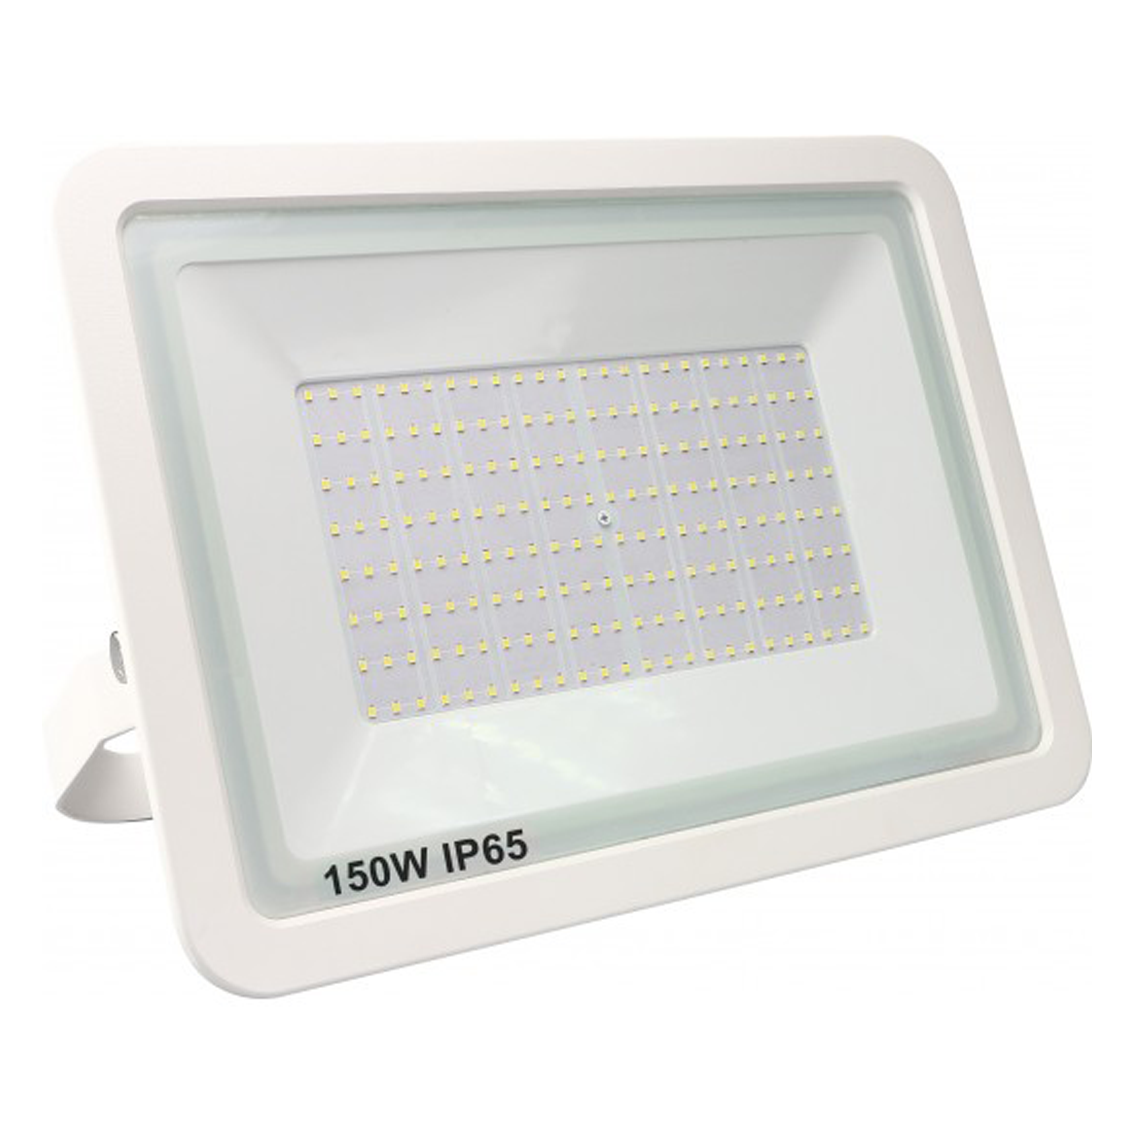 SMD LED reflektor 150W 6500K 12000lm Bijeli Mitea Elektro Vukojevic